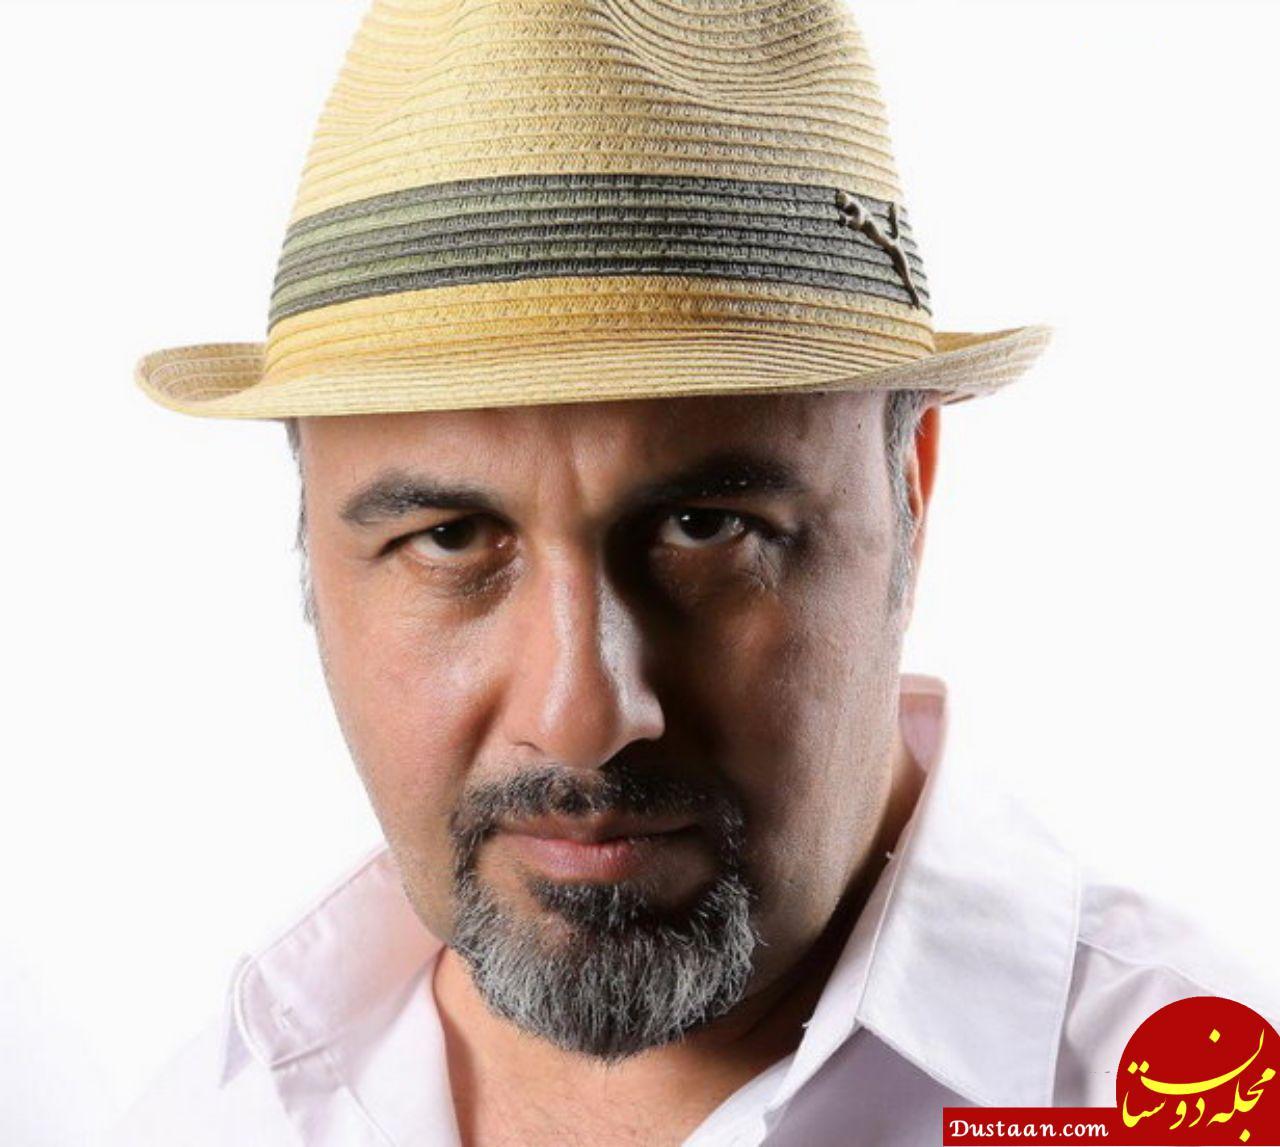 www.dustaan.com رکورد شکنی های رضا عطاران ادامه دارد! +عکس